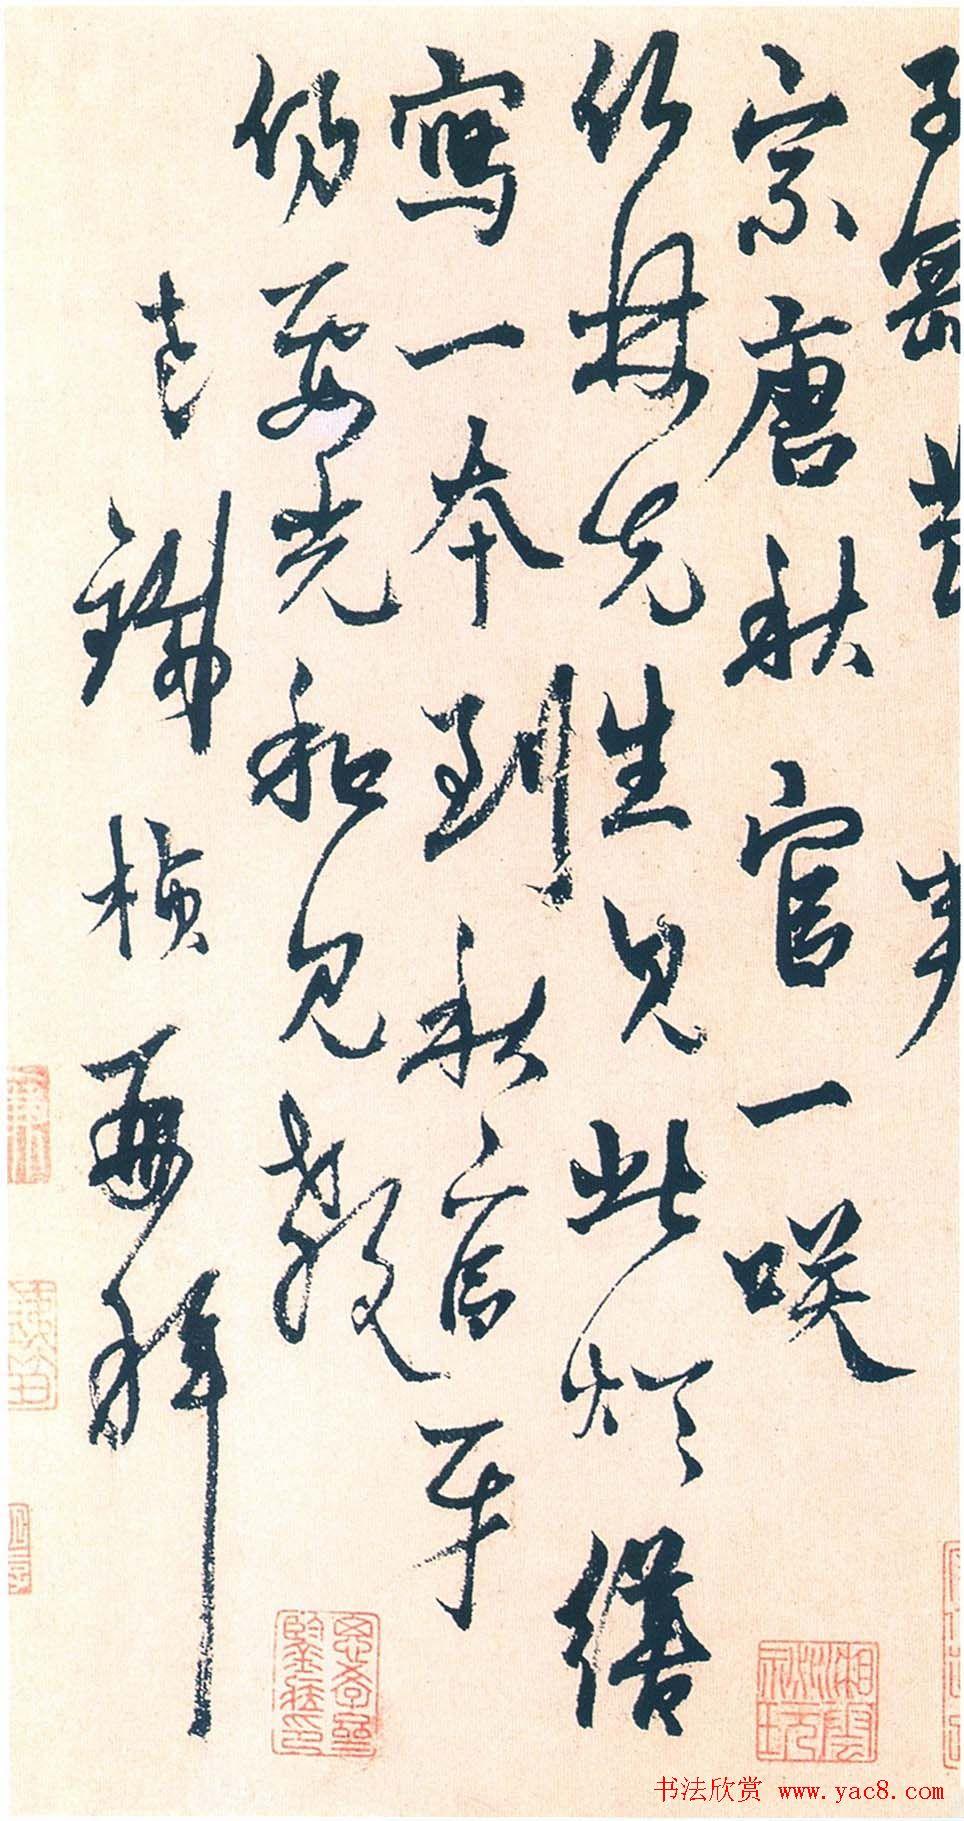 杨维桢行书作品《元夕与妇饮诗》